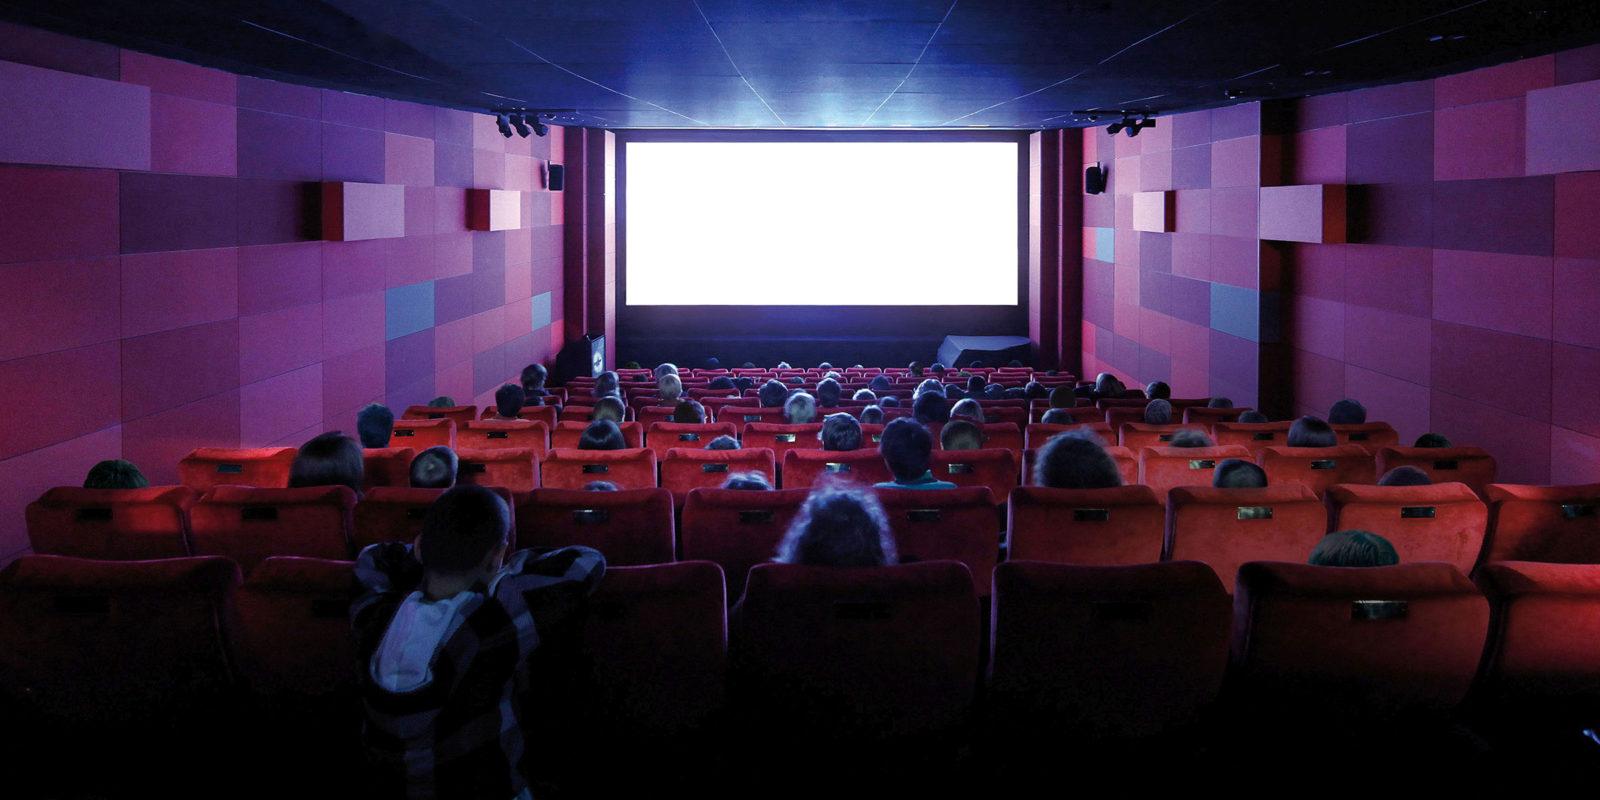 dff-film-kino-kinoprogramm